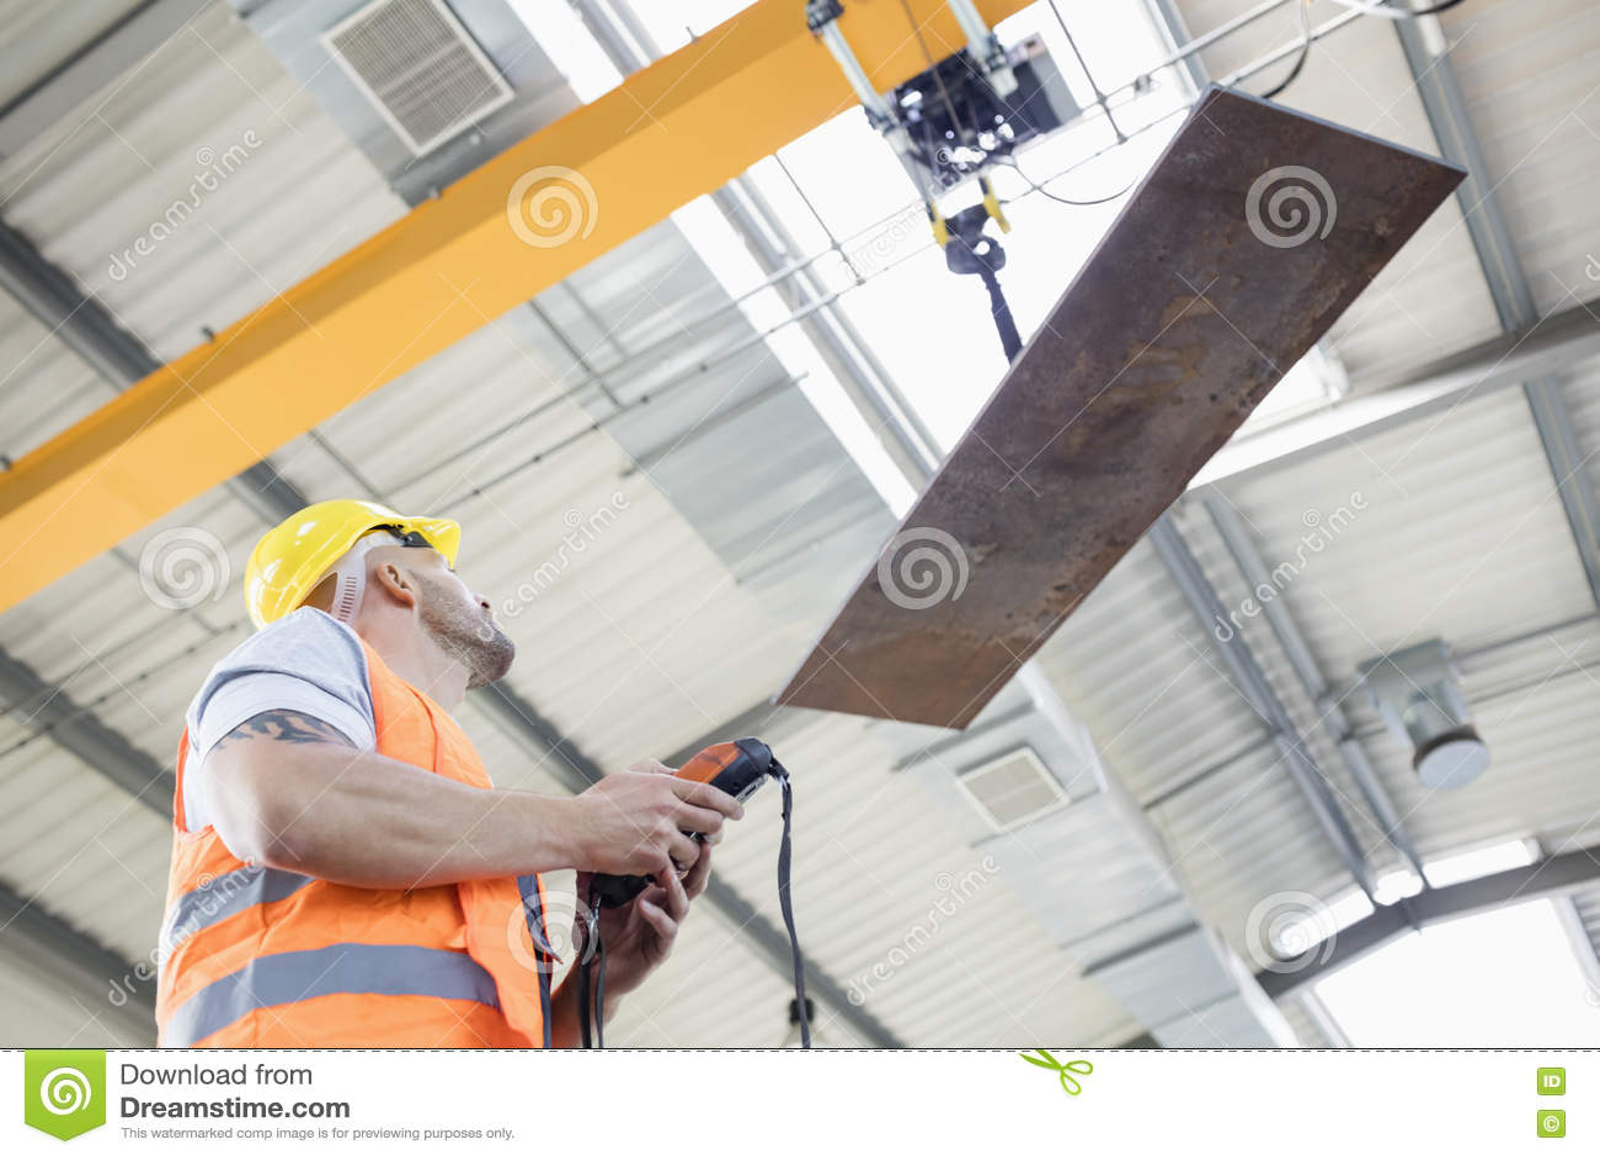 Sikt för låg vinkel av för fungeringskran för manuell arbetare metall för ark lyftande i bransch